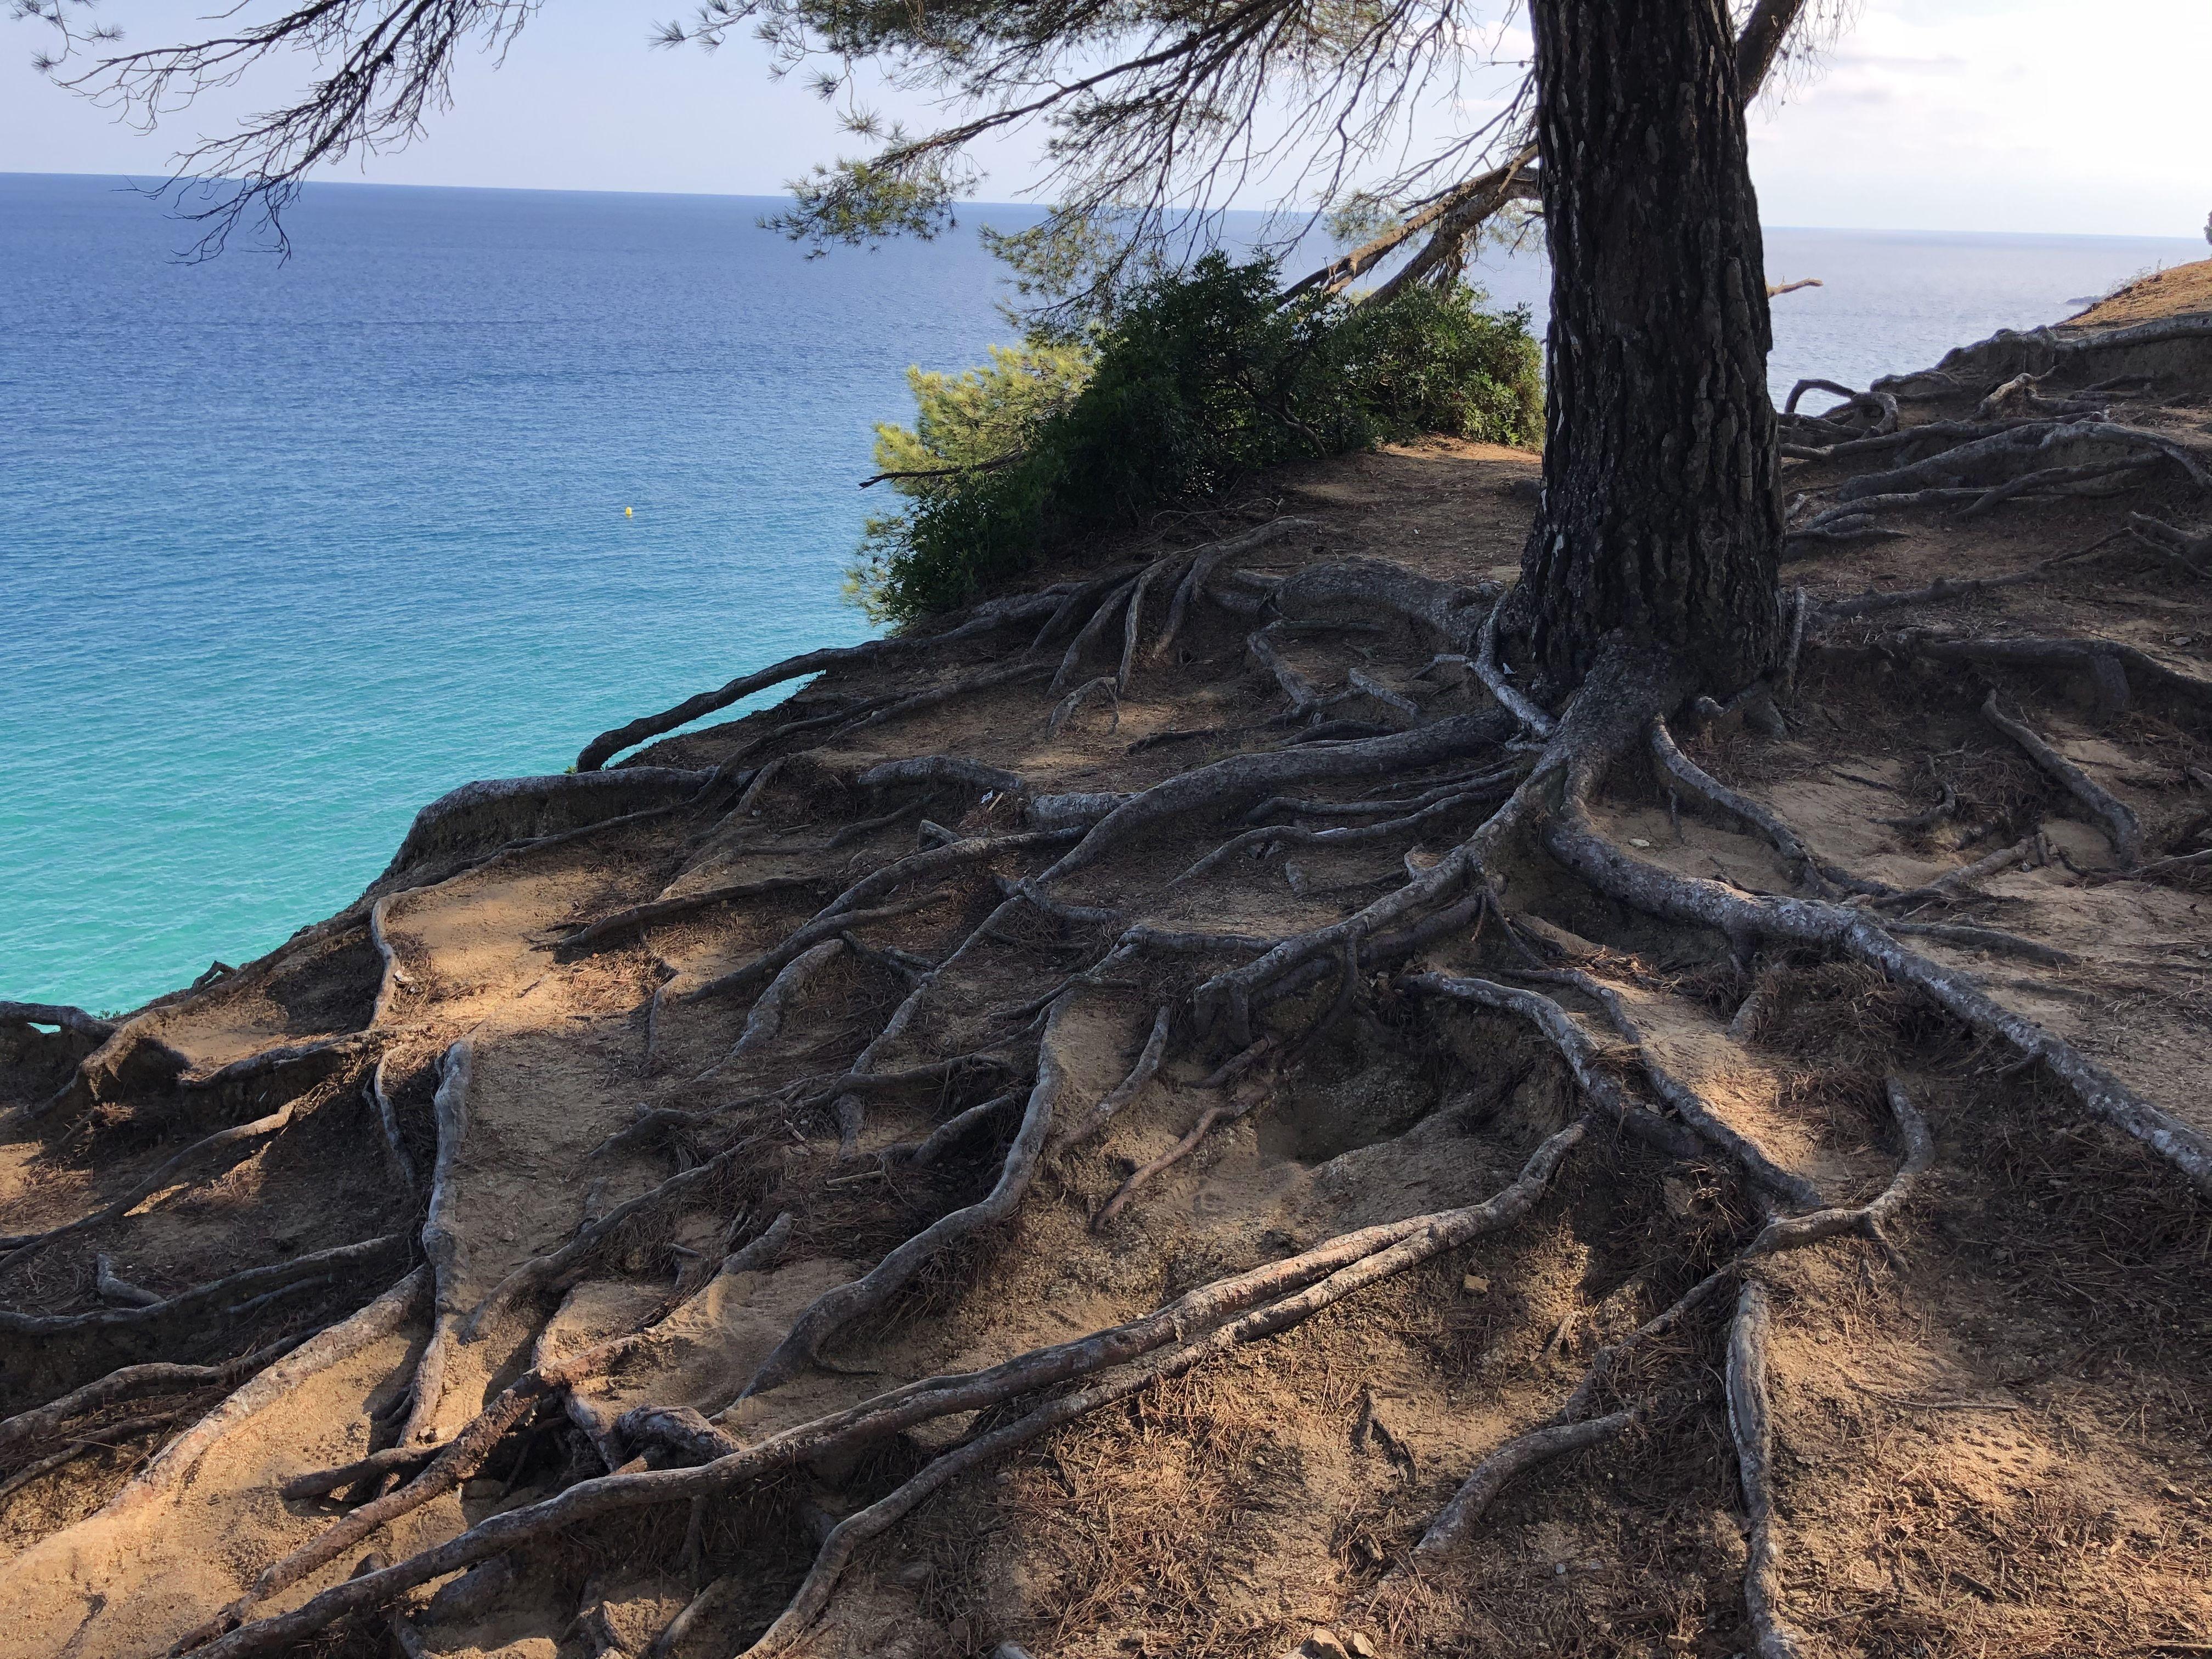 Arrelat Lloret de mar#Eszter De Martin 242